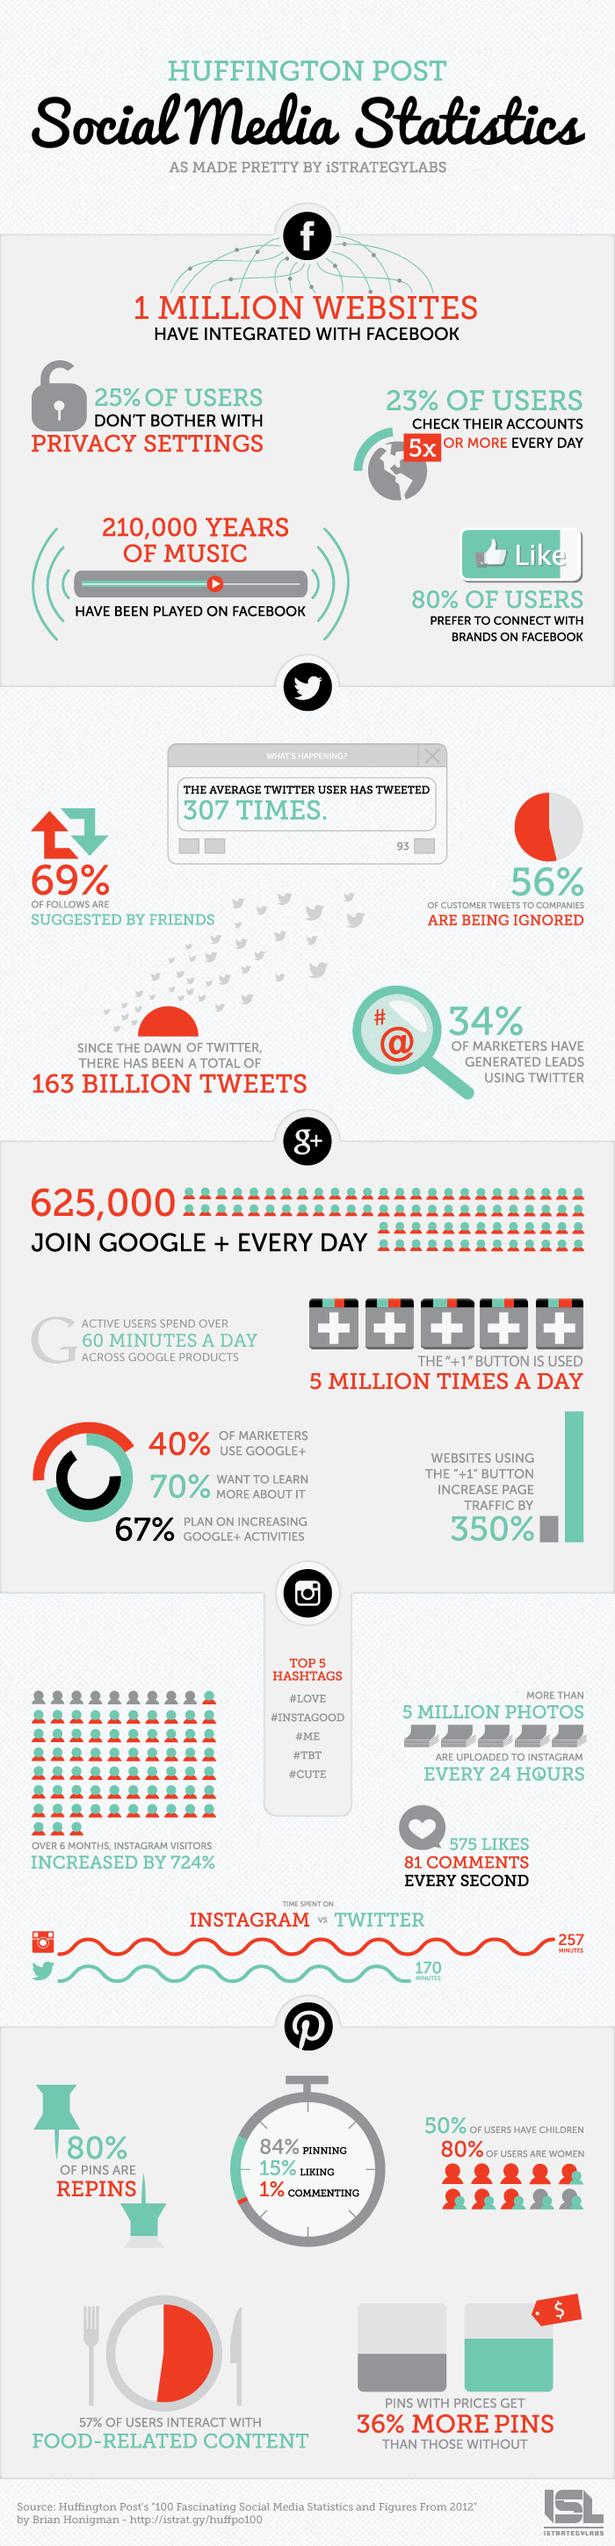 social_media_infographic_2012-blog-full